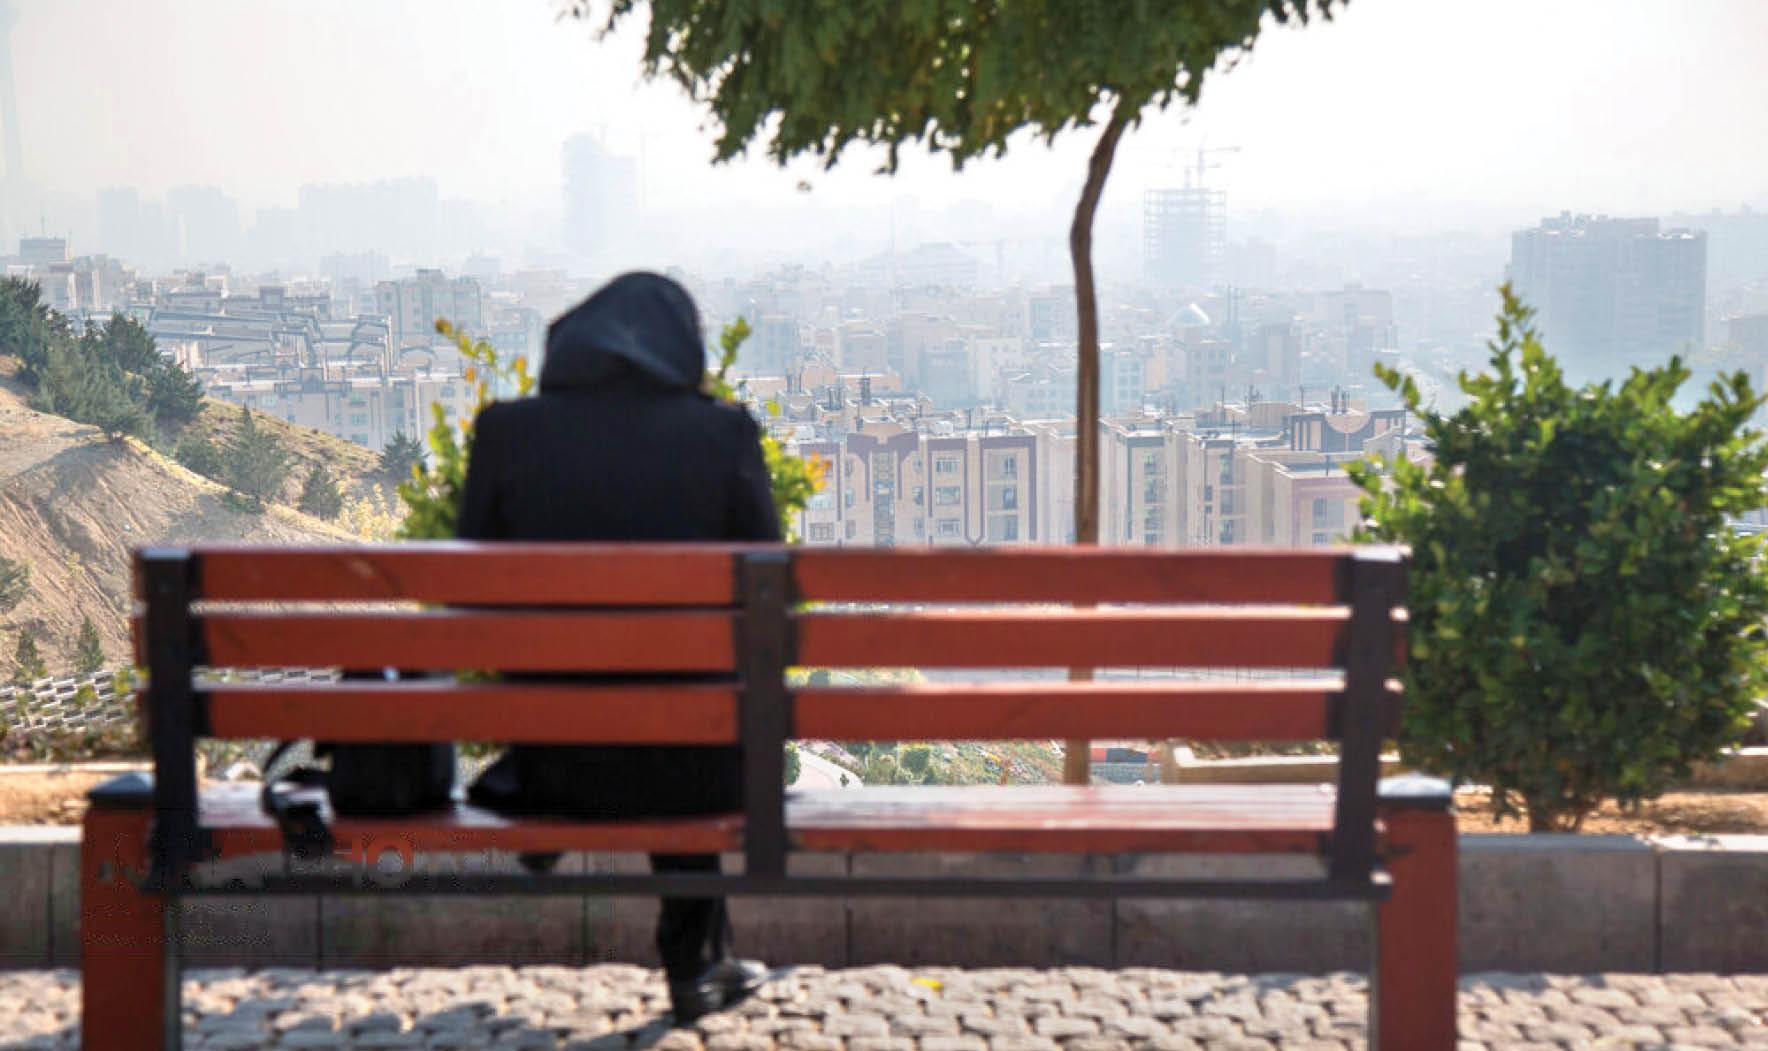 احساس تنهایی عامل تهدید سلامت روحی